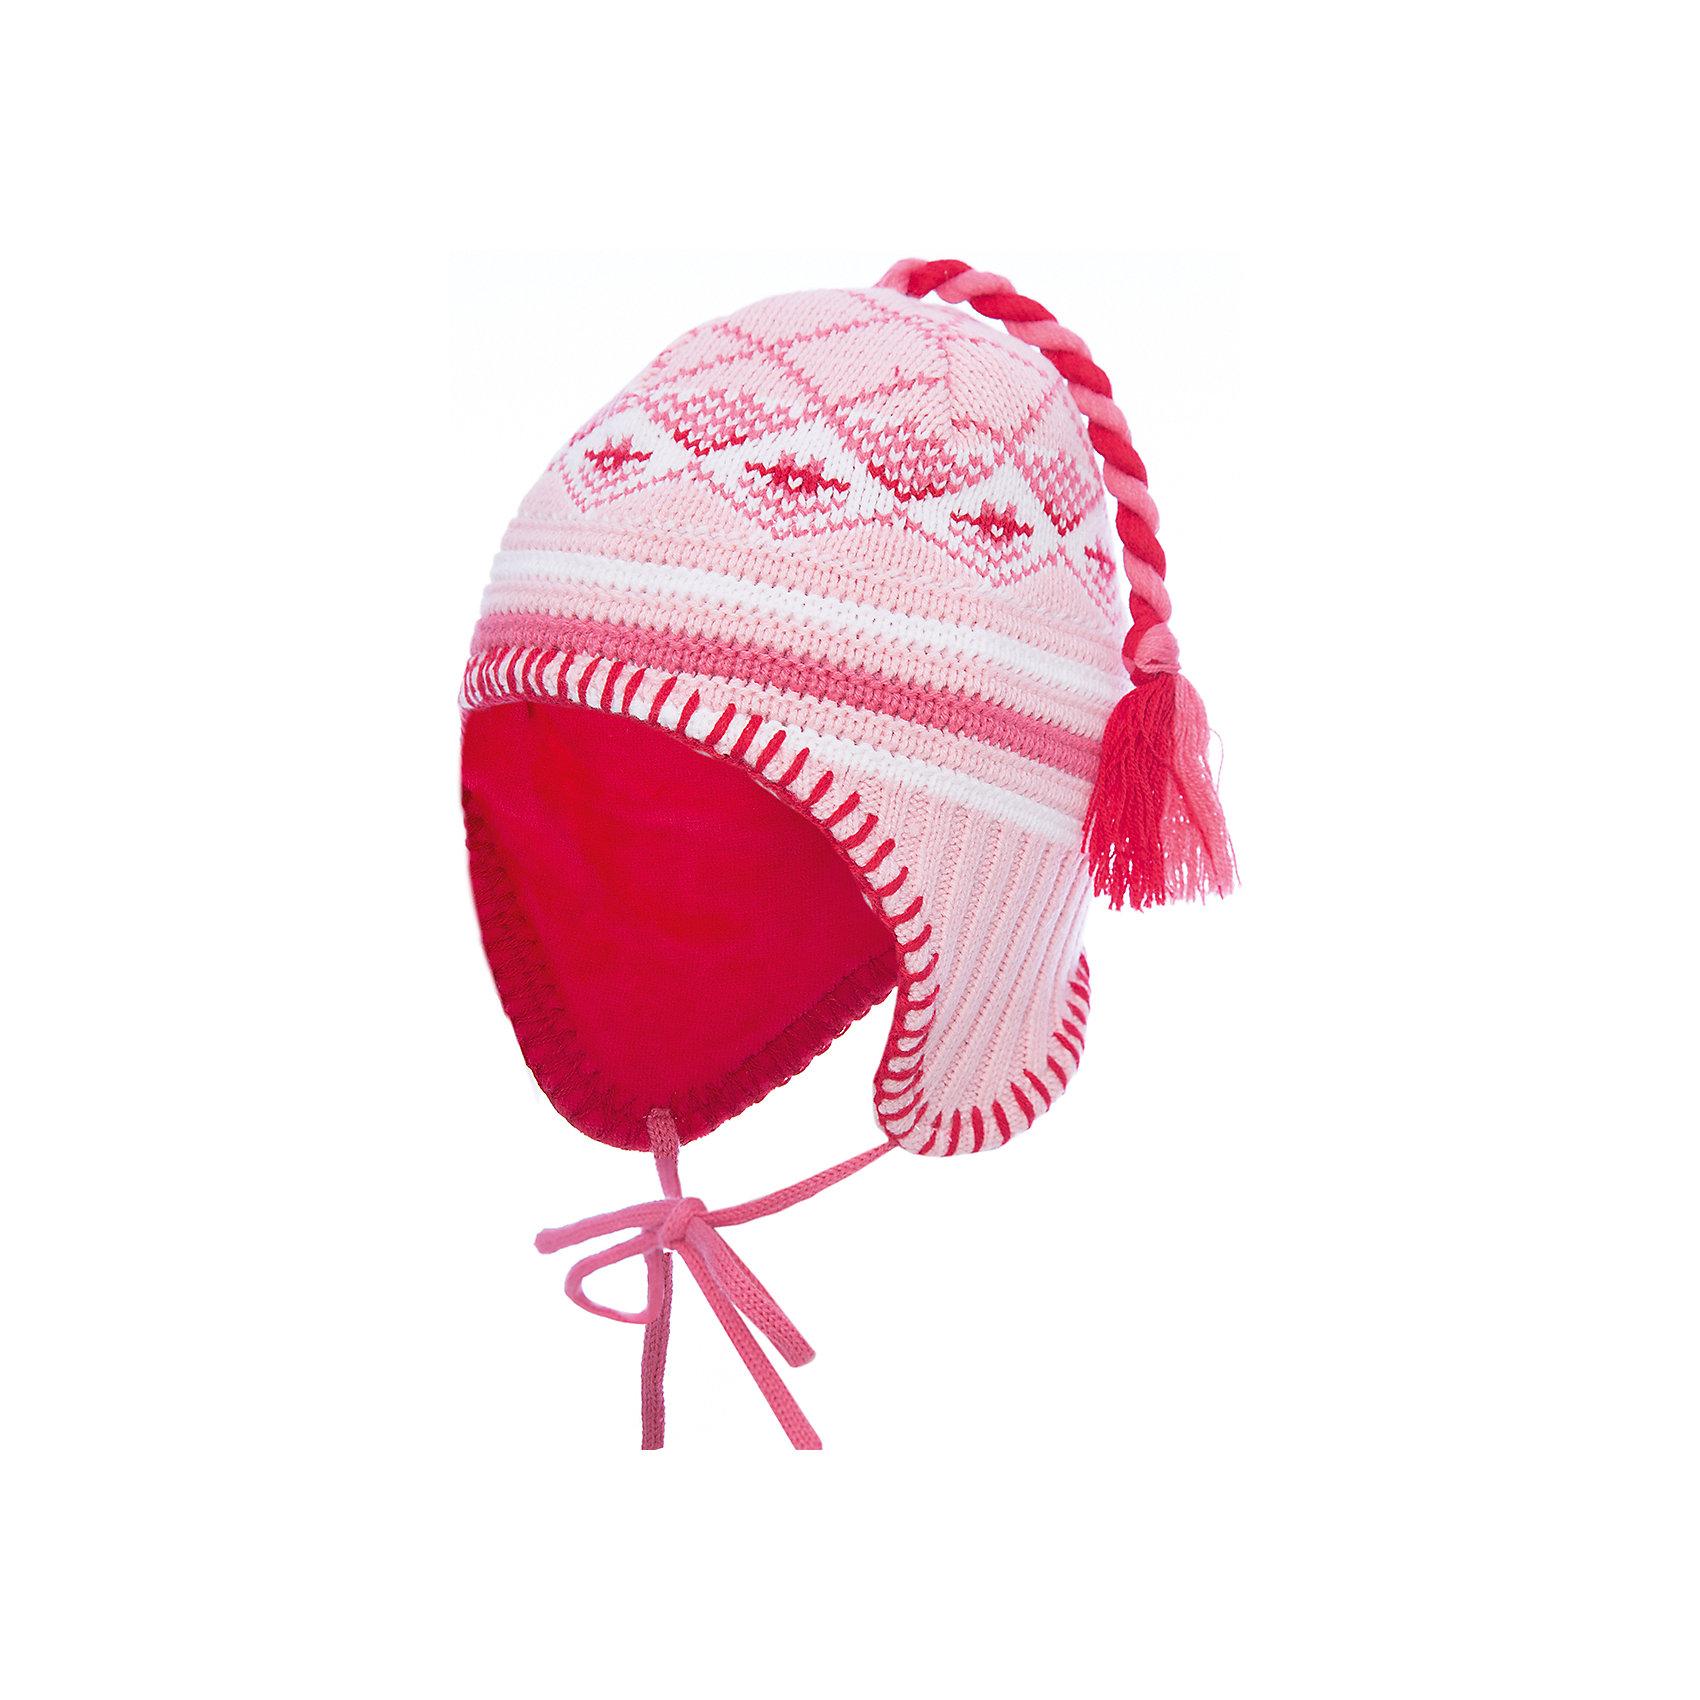 Шапка PlayToday для девочкиДемисезонные<br>Шапка PlayToday для девочки<br>Двуслойная вязаная шапка на завязках. Верхняя часть модели с высоким содержанием натурального хлопка. Подкладка из натурального велюра. Эргономичная конструкция изделия защитит уши ребенка от ветра. В качестве декора использован помпон - кисточка.<br>Состав:<br>Верх: 60%хлопок, 40% акрил; Подкладка: 80% хлопок, 20% полиэстер.<br><br>Ширина мм: 89<br>Глубина мм: 117<br>Высота мм: 44<br>Вес г: 155<br>Цвет: белый<br>Возраст от месяцев: 4<br>Возраст до месяцев: 6<br>Пол: Женский<br>Возраст: Детский<br>Размер: 44,40,42<br>SKU: 7107340